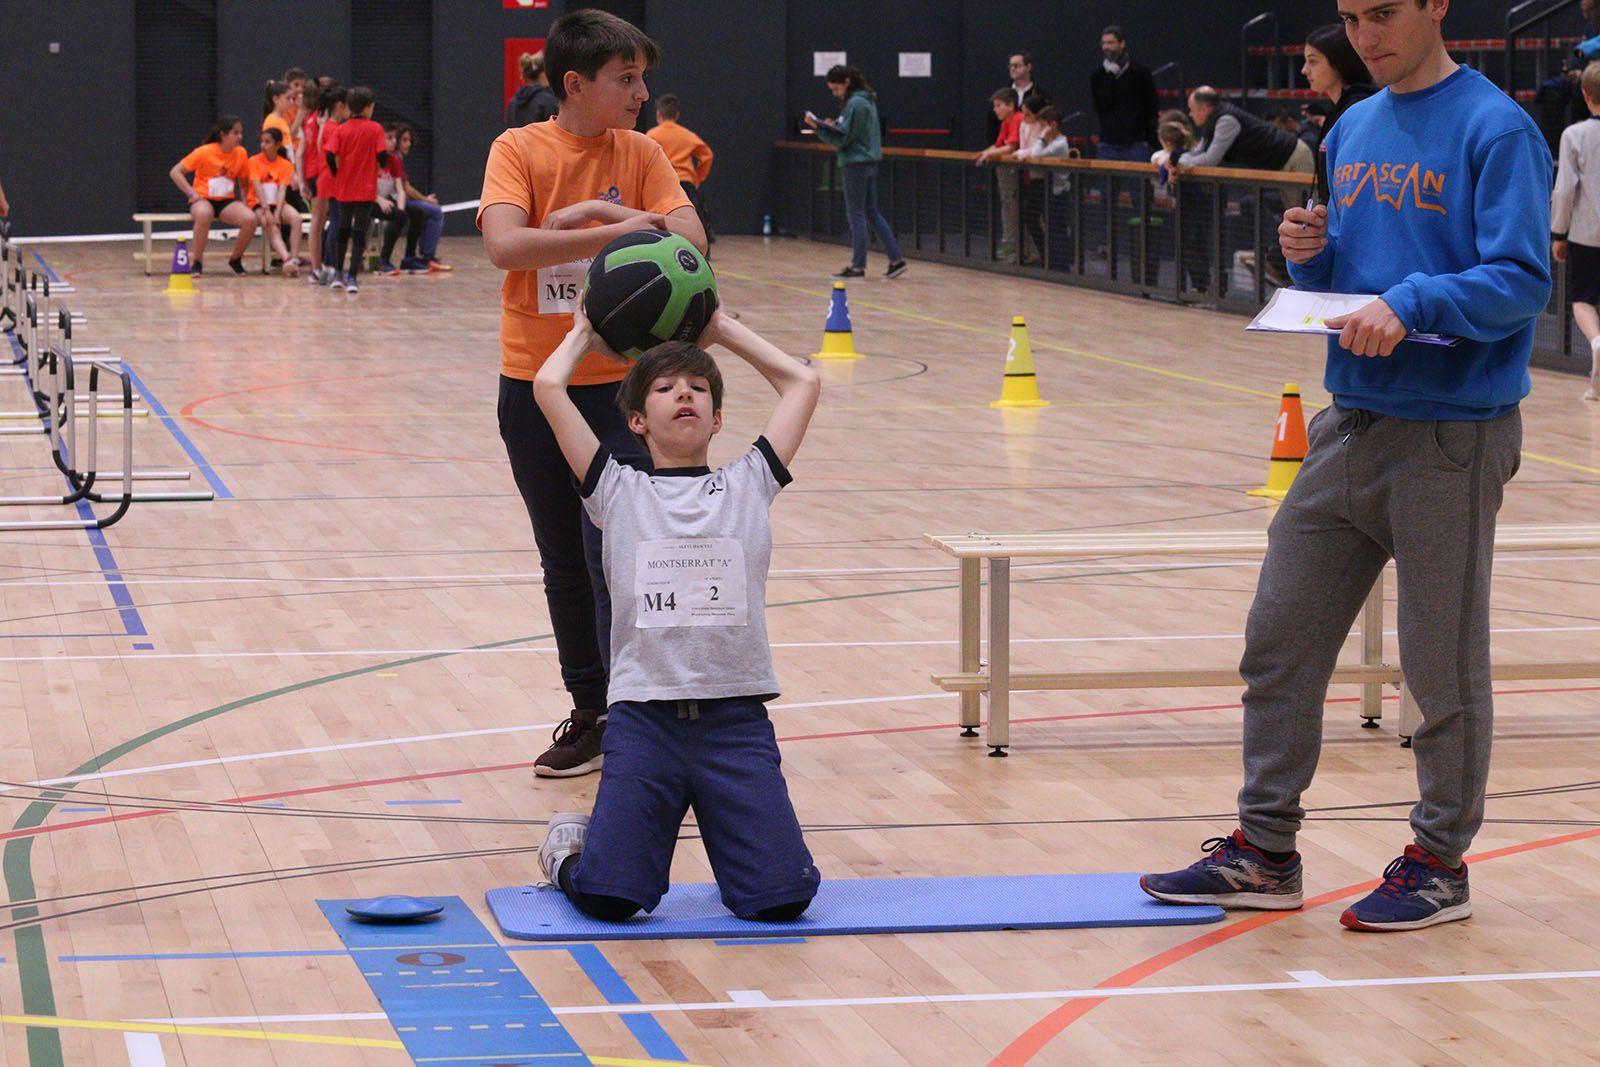 L'escola Montserrat també serà present al Torneig Nacional Jugando al Atletismo. FOTO: Lali Álvarez